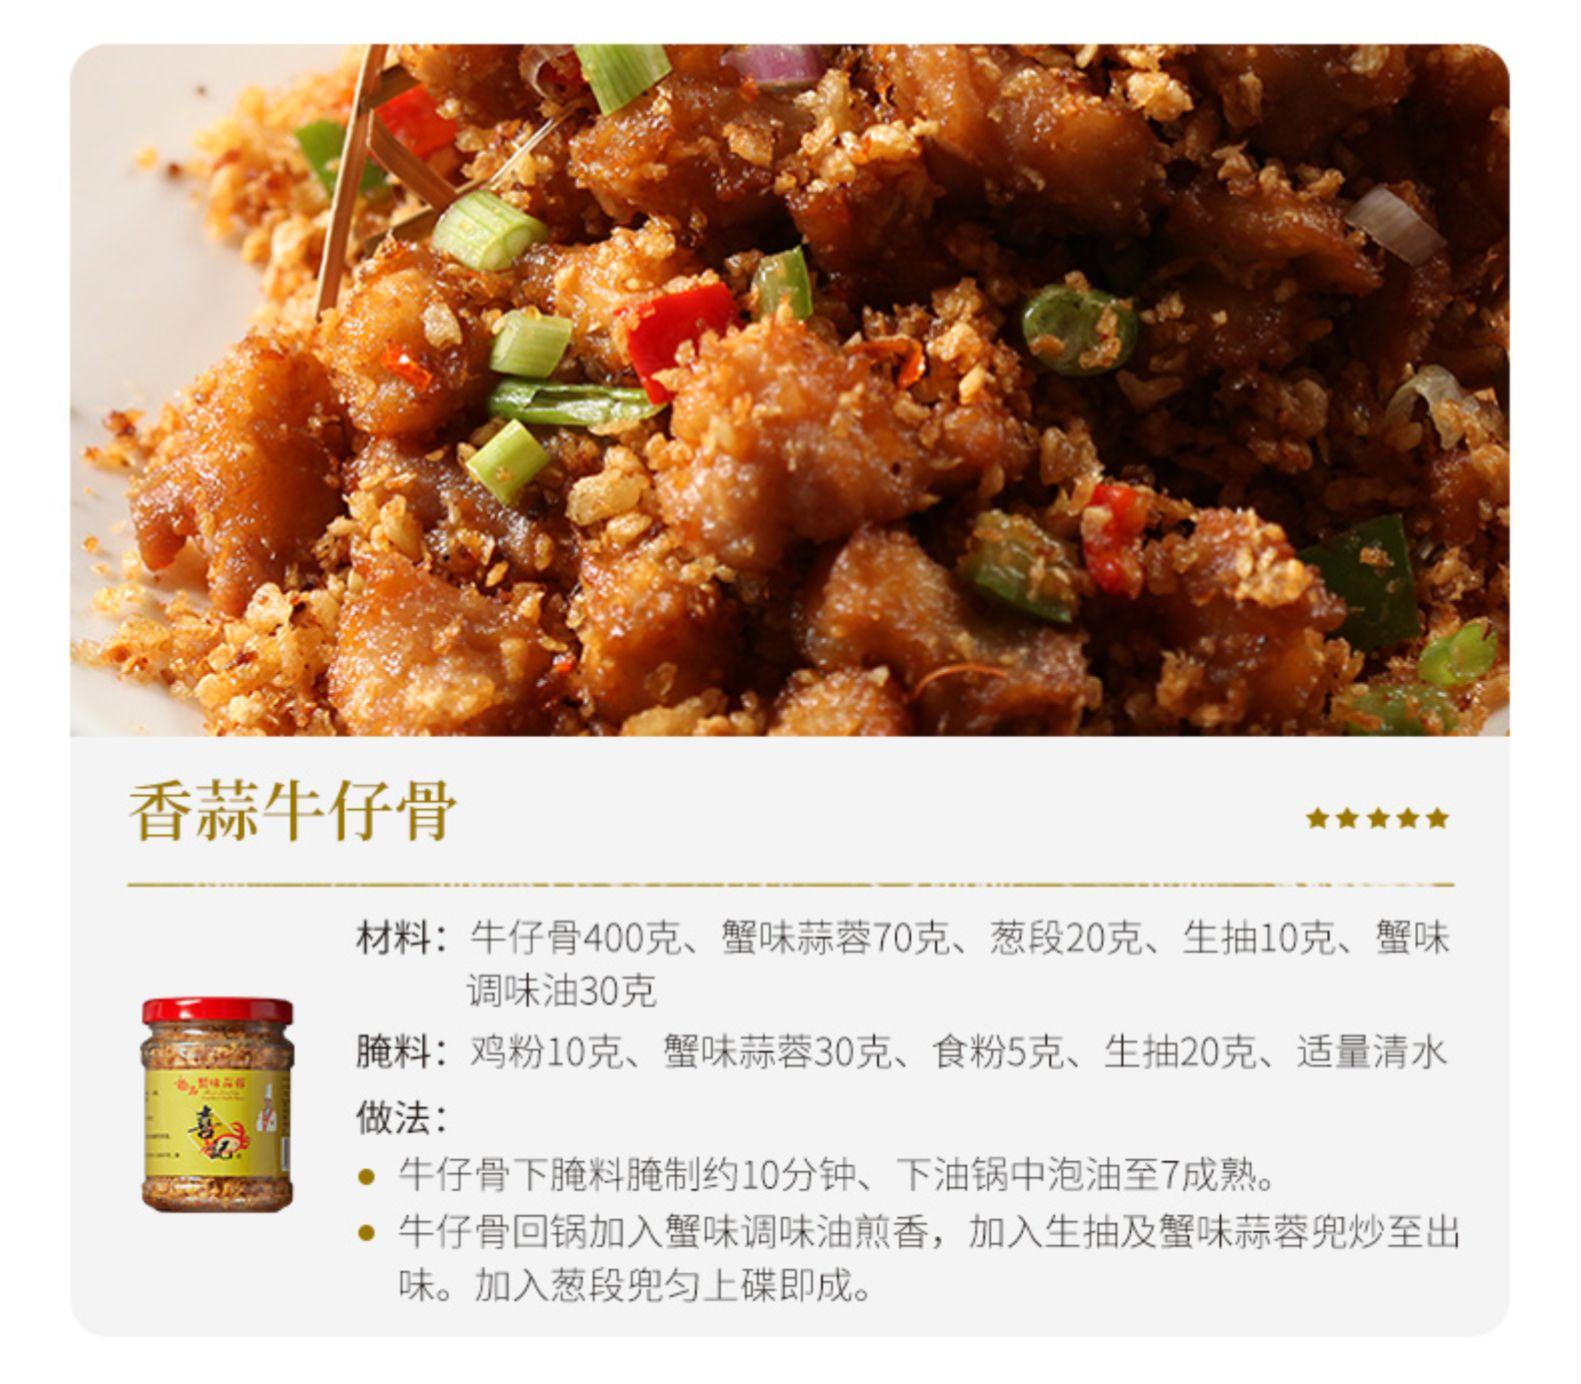 香港喜记避风塘调料蟹味蒜蓉瓶装炒蟹调味品调味料炒菜料理详细照片